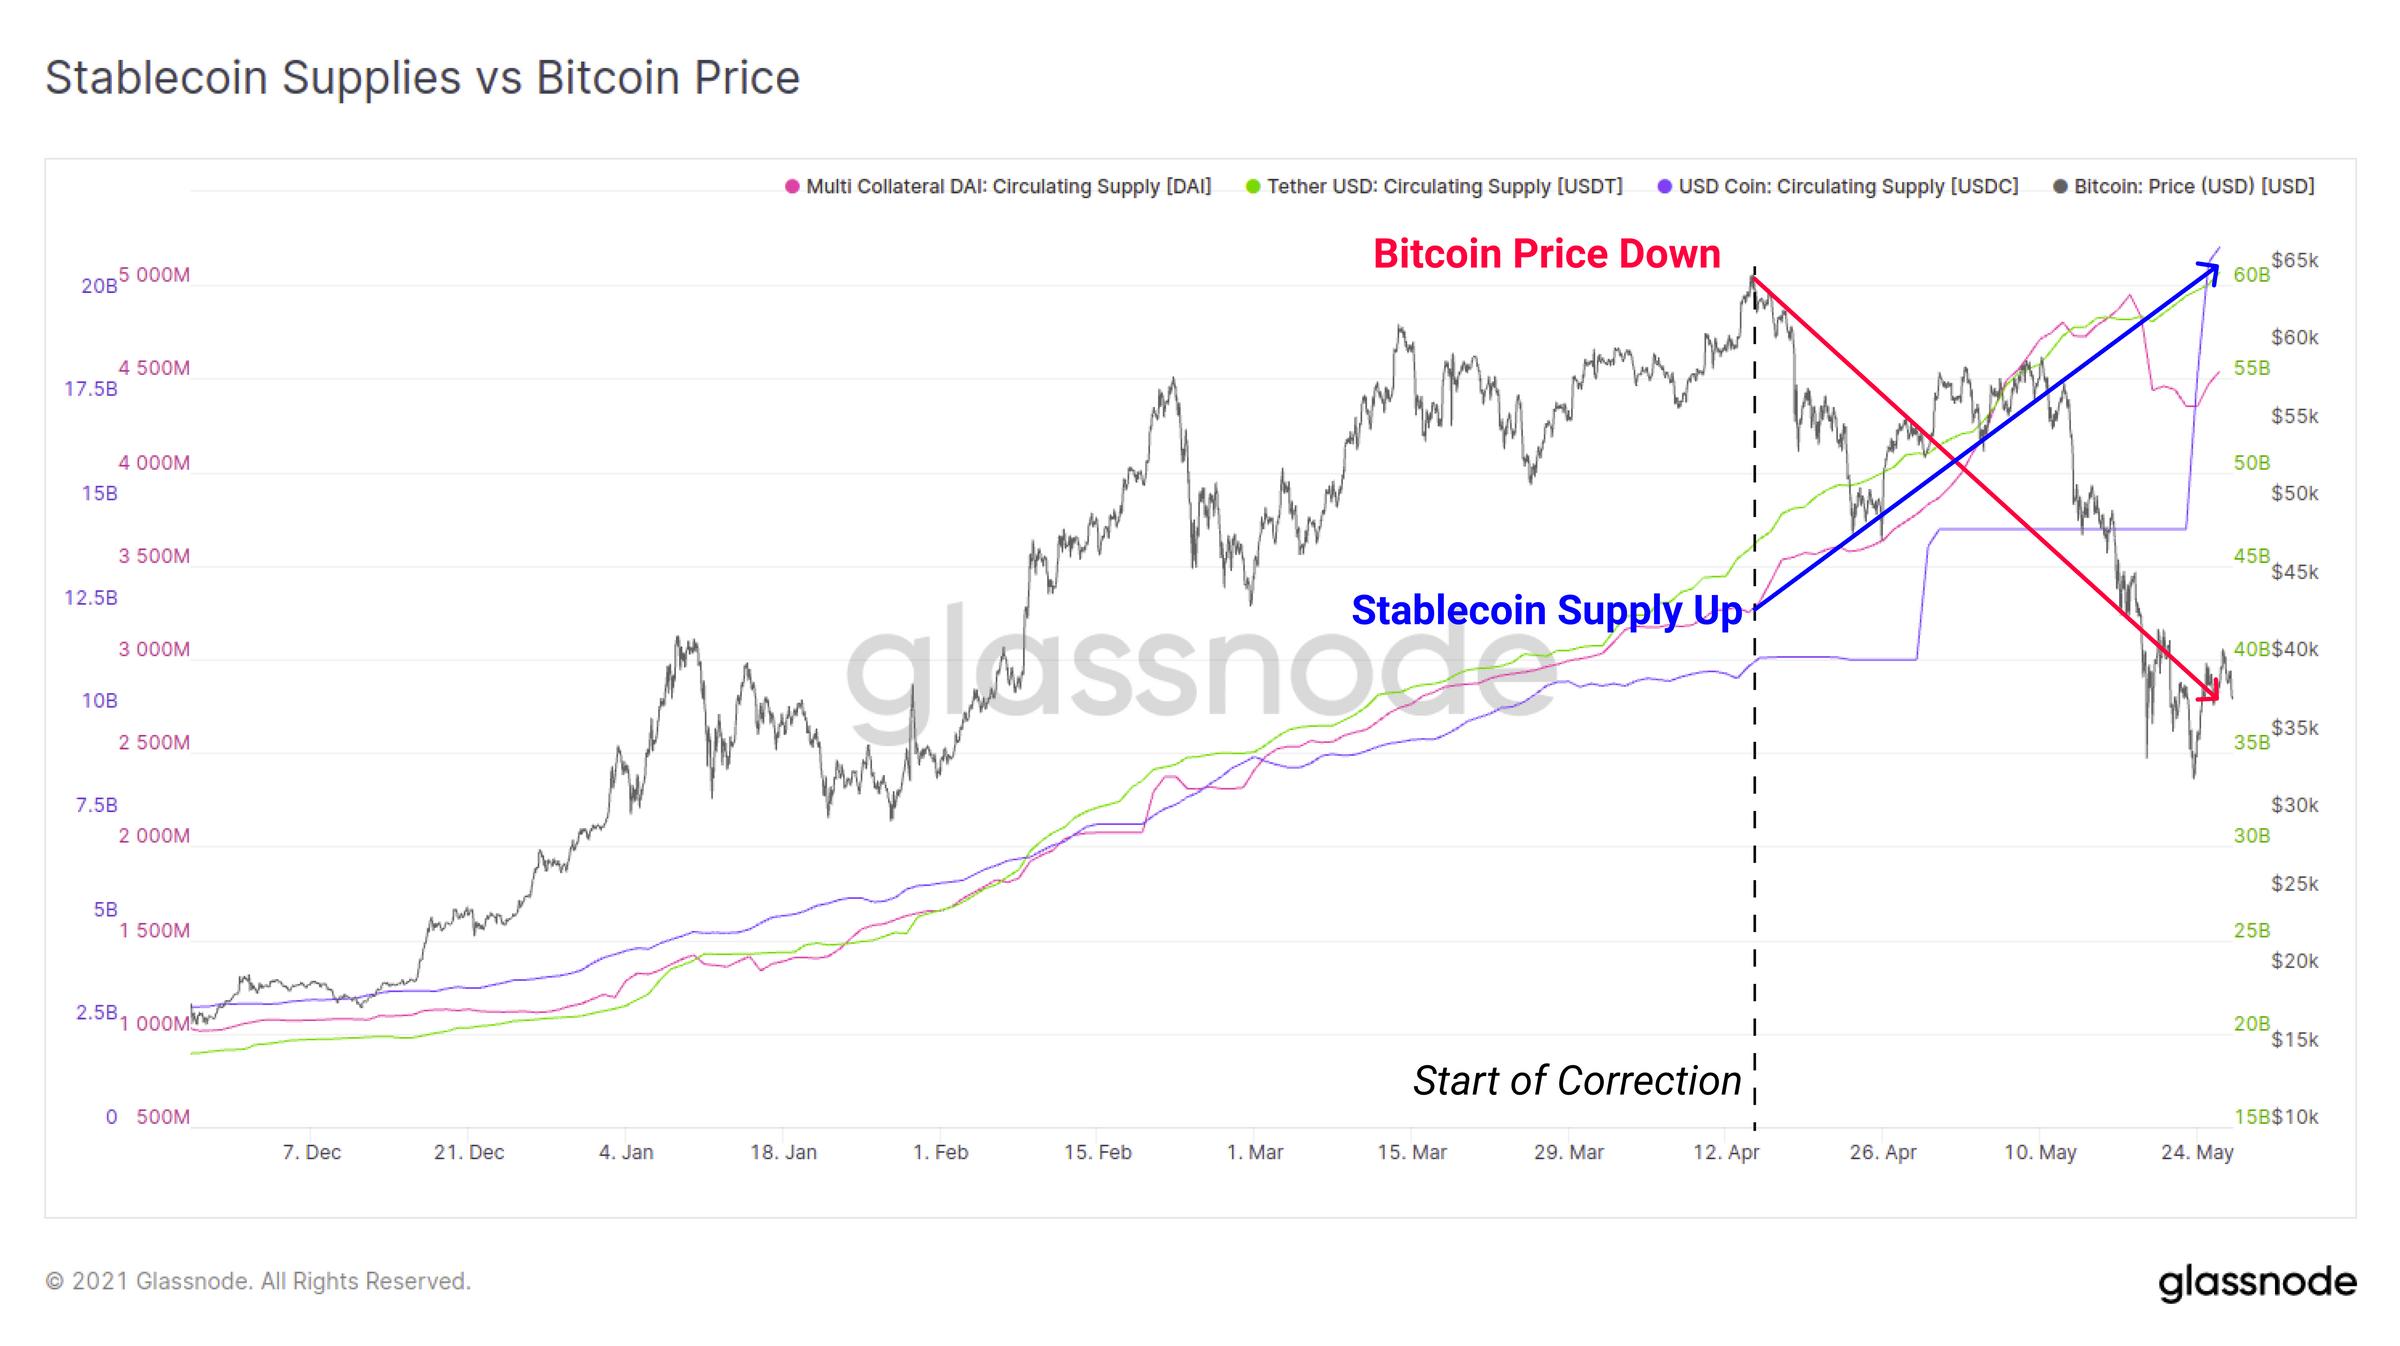 稳定币供应实时图表